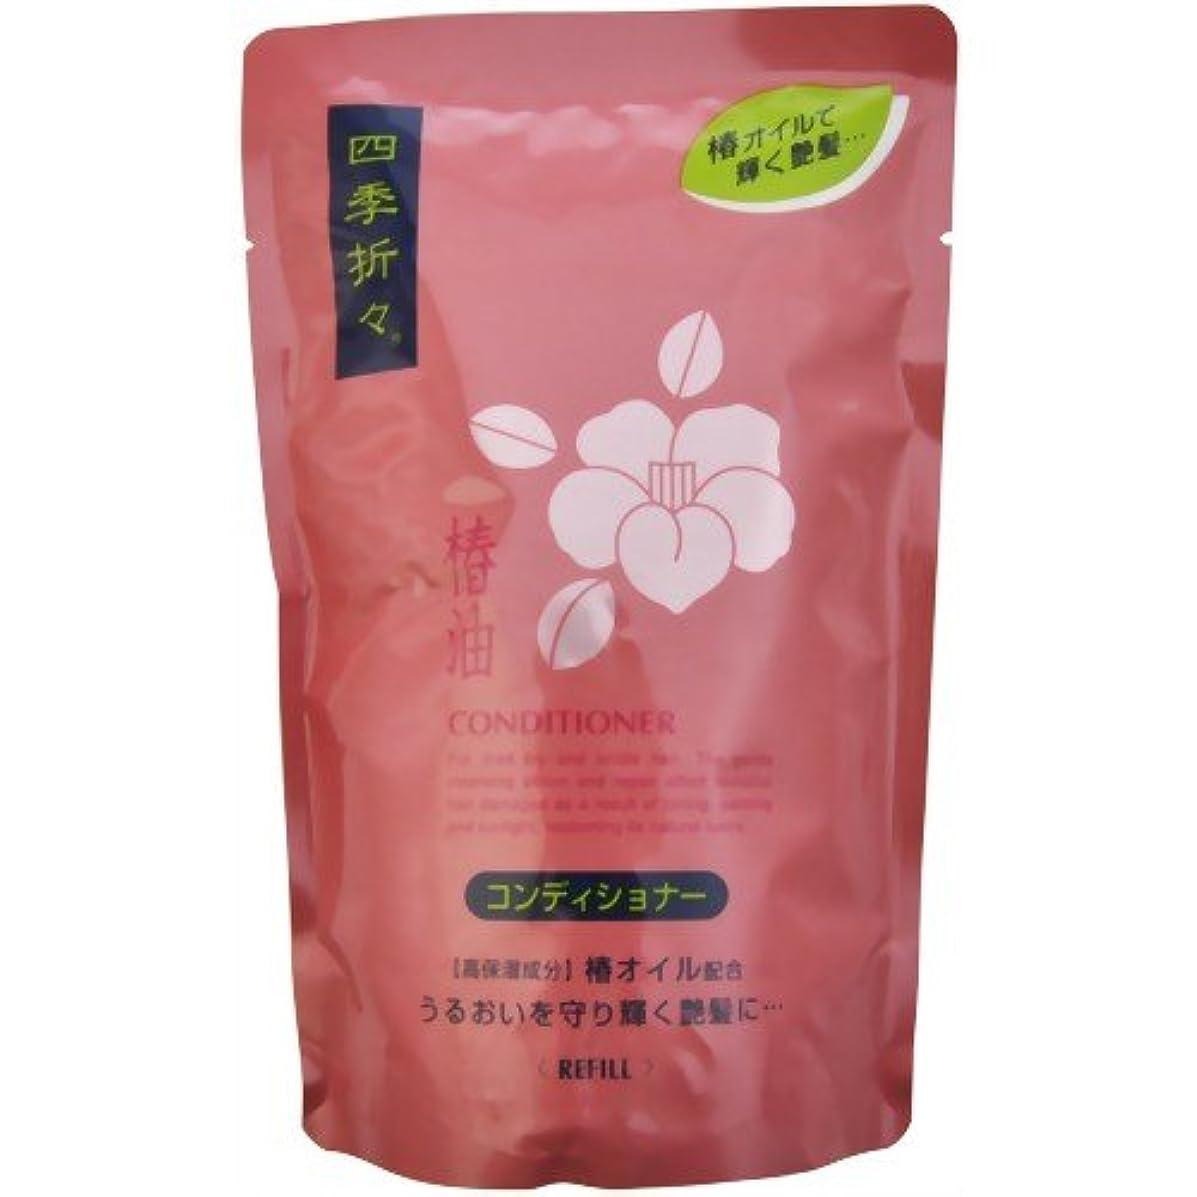 最少印刷する機密熊野油脂 四季折々 椿油コンディショナー 詰替用 450ml